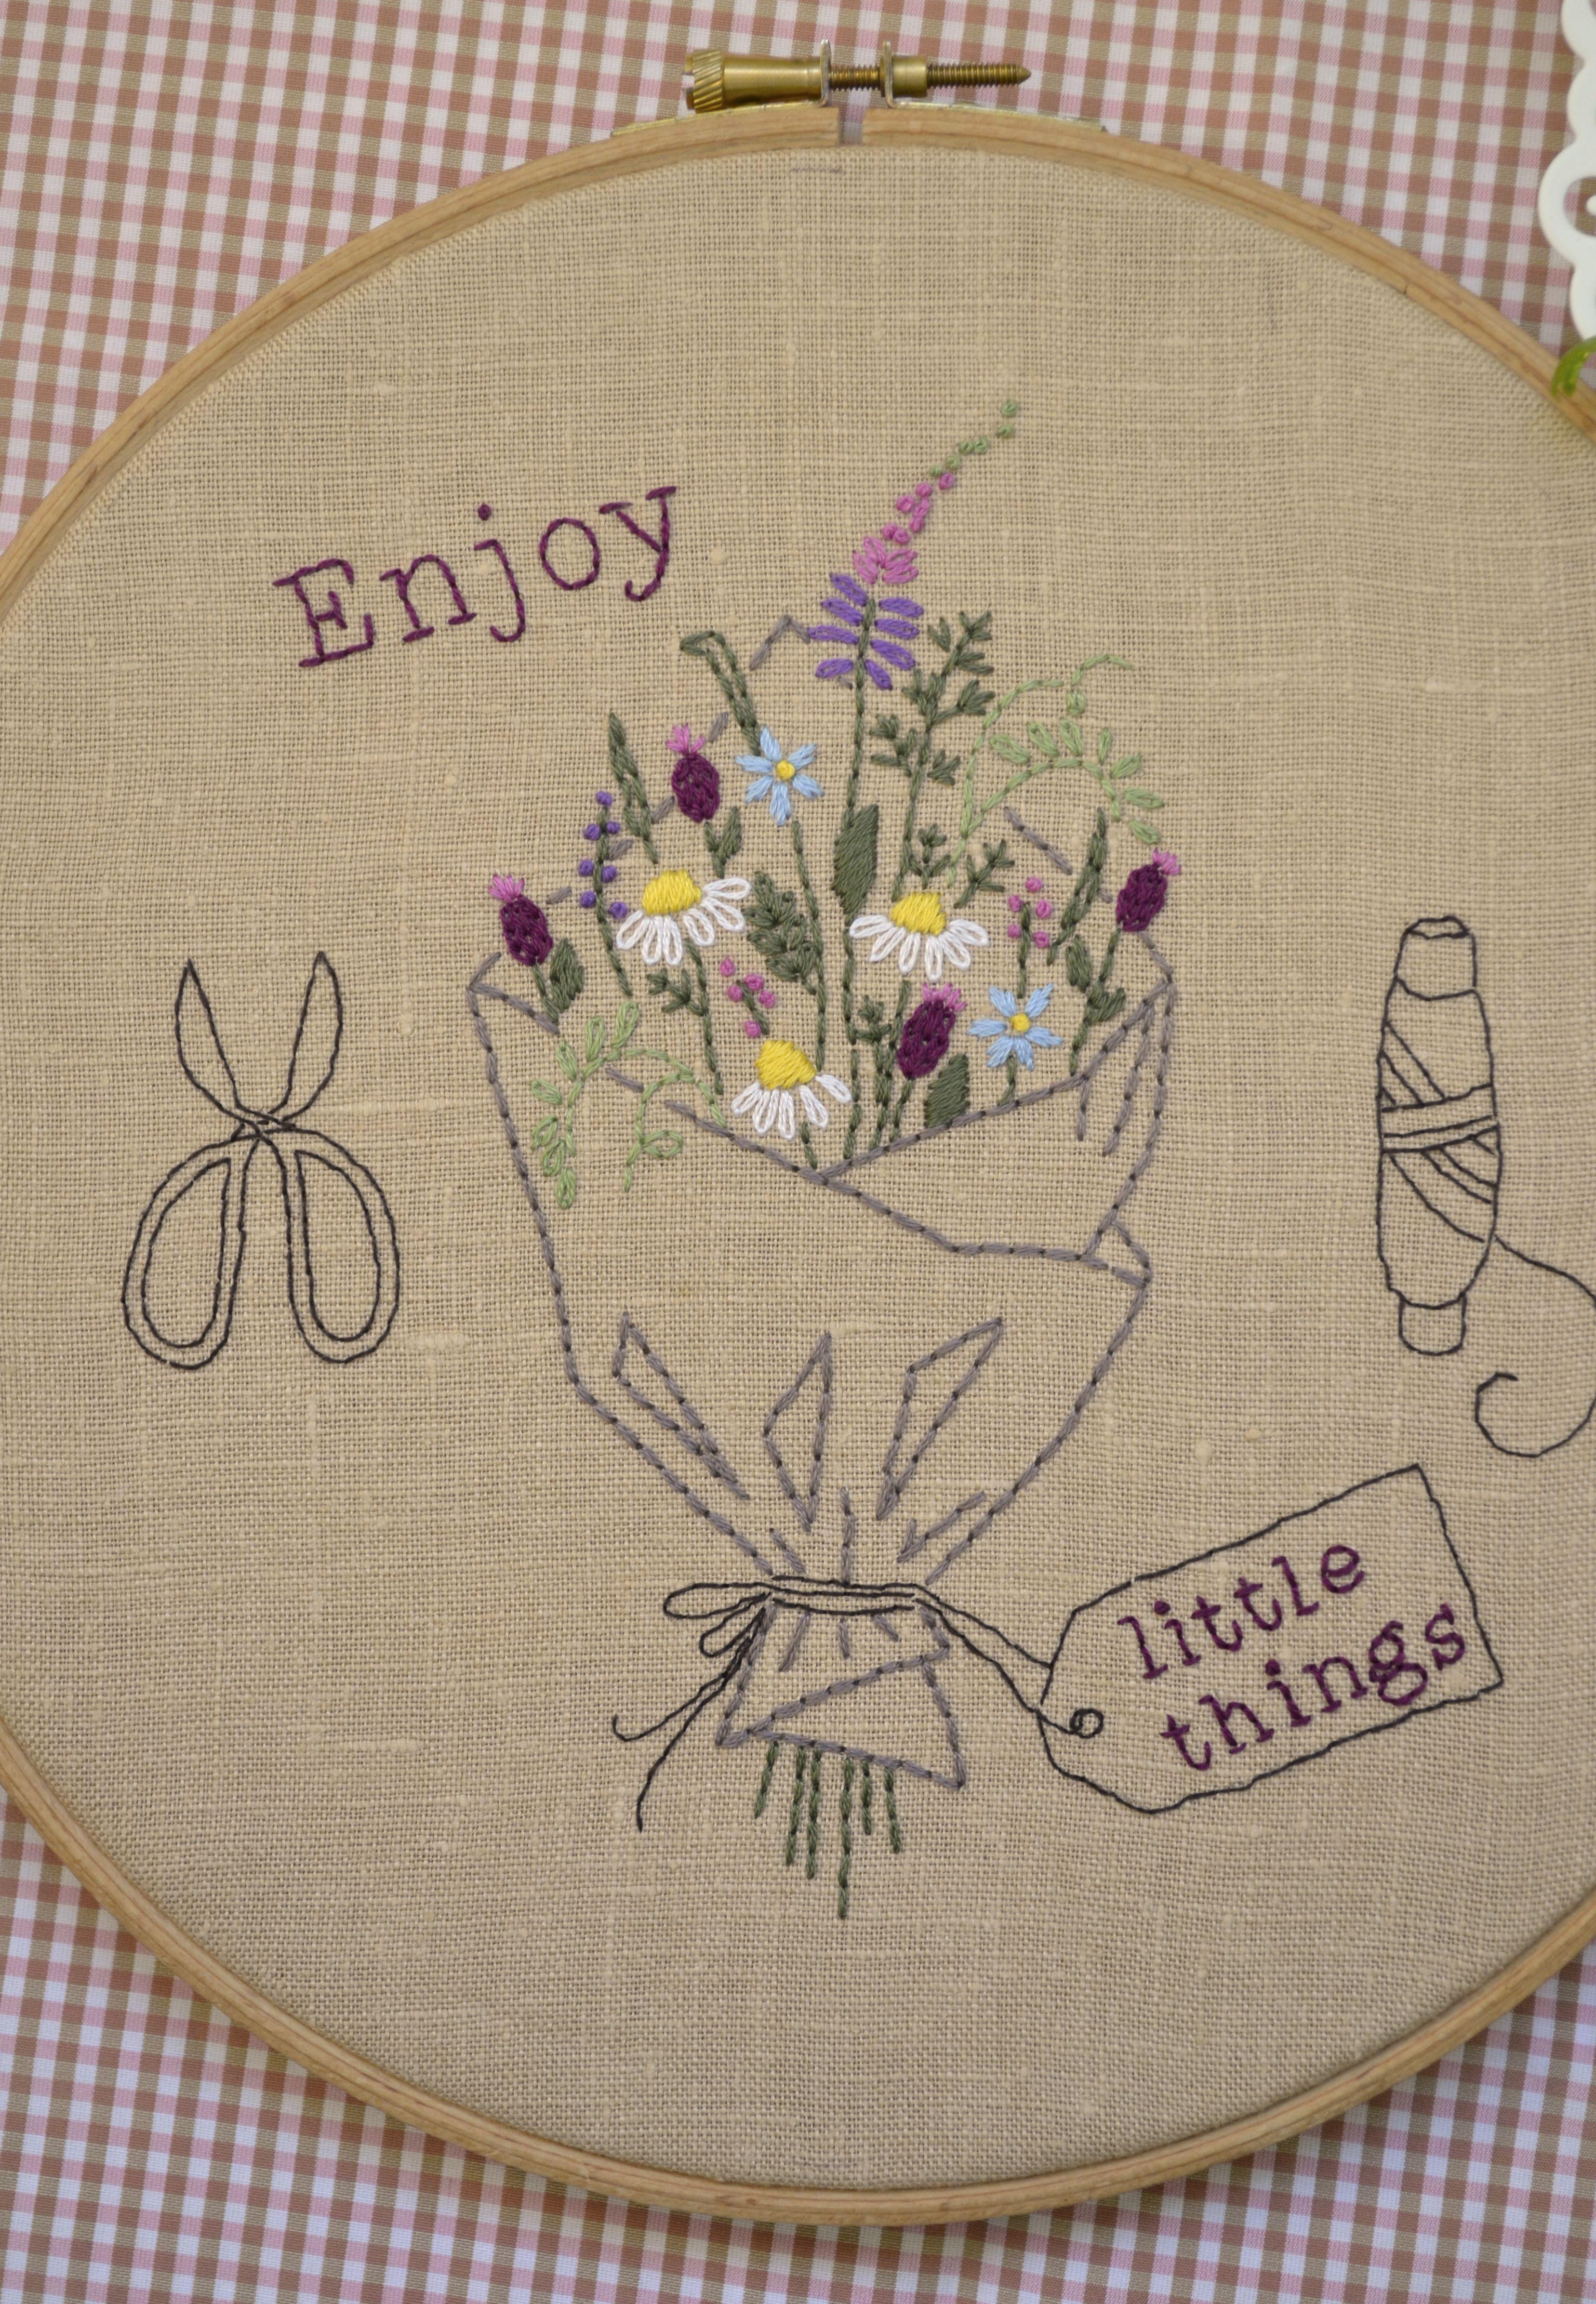 Summer hand embroidery hoop art embroidery hoop diy gift flower